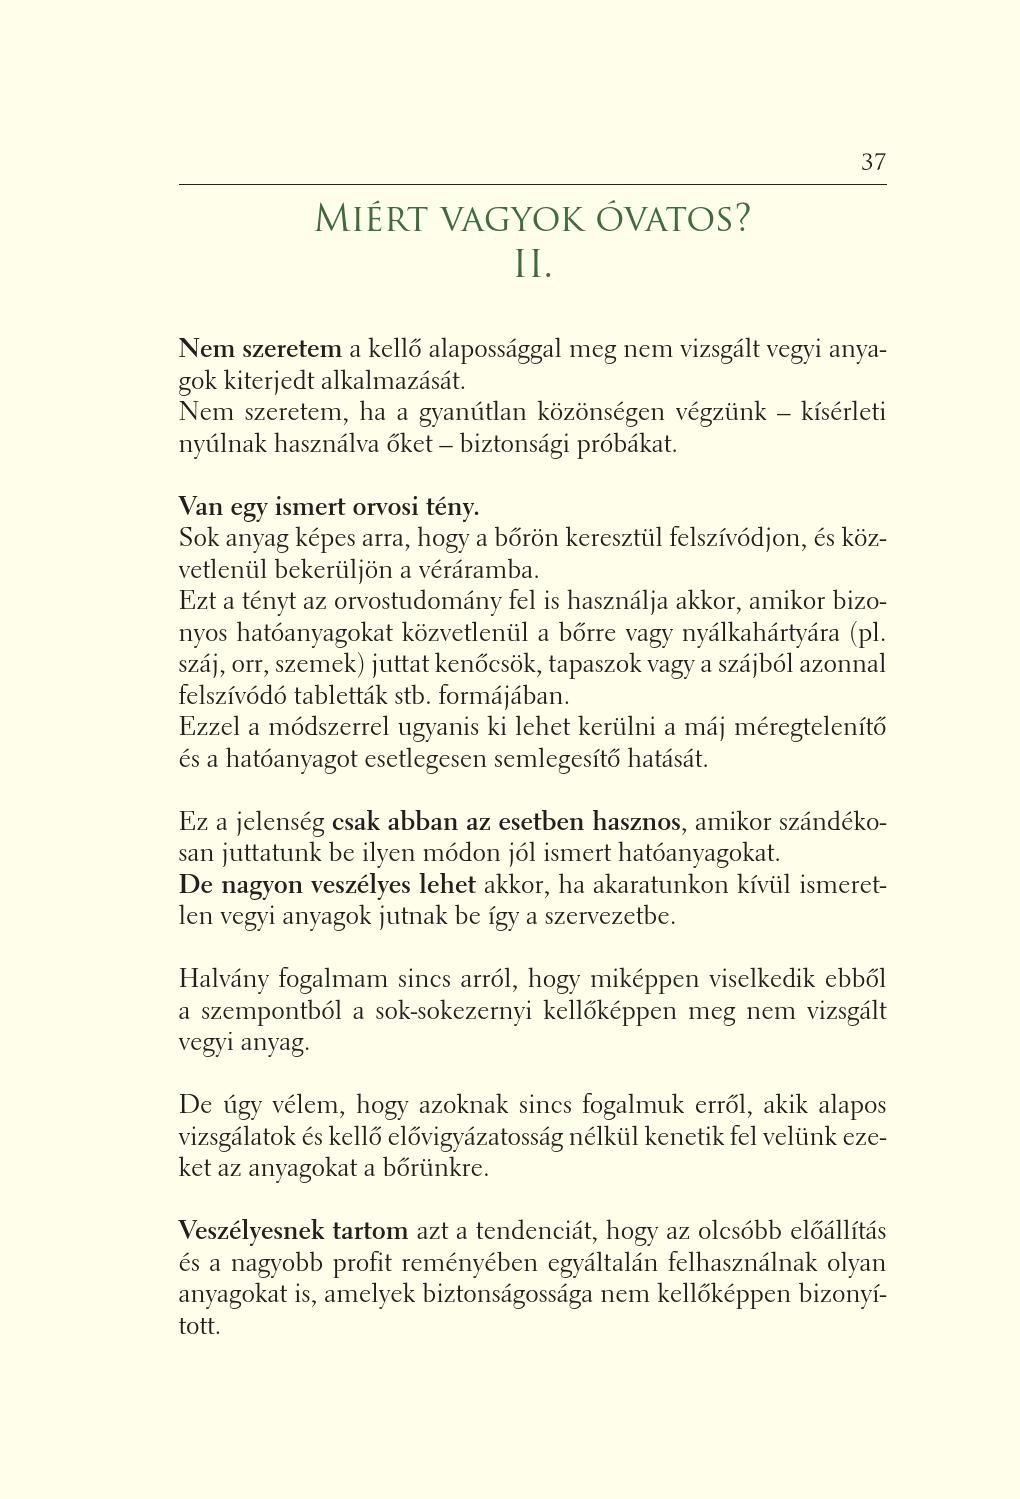 vadhibiscus.hu   Betegségek